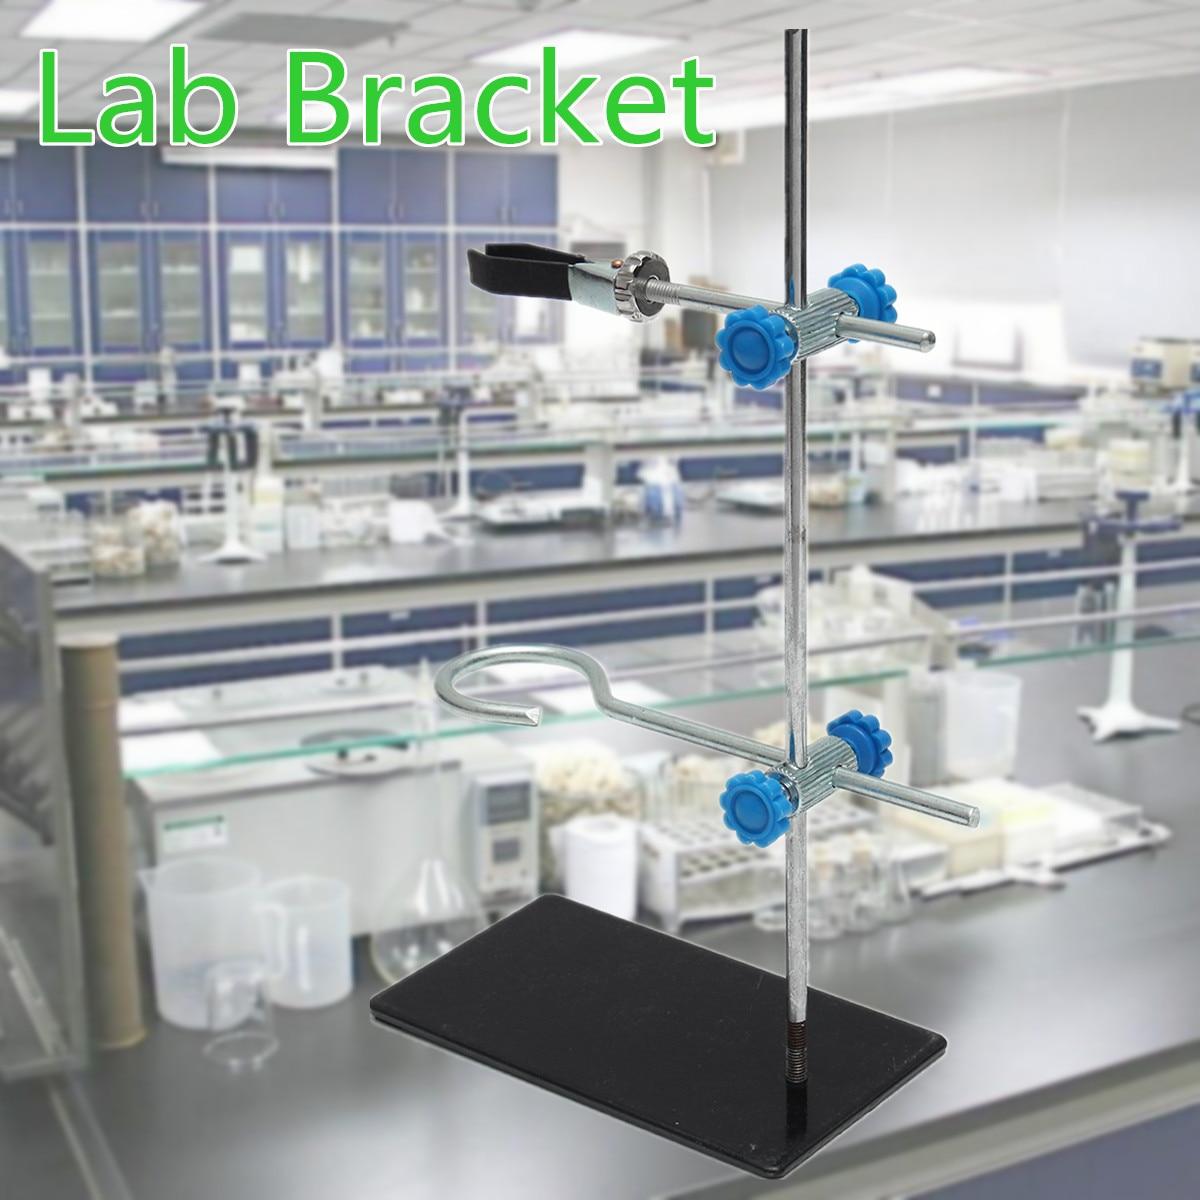 1 pc 30 cm Hohe Retorte StandIron Stehen Mit Clamp Clip Lab Ring Stehen Ausrüstung 15x8,5 cm Schule labor Bildung Liefert